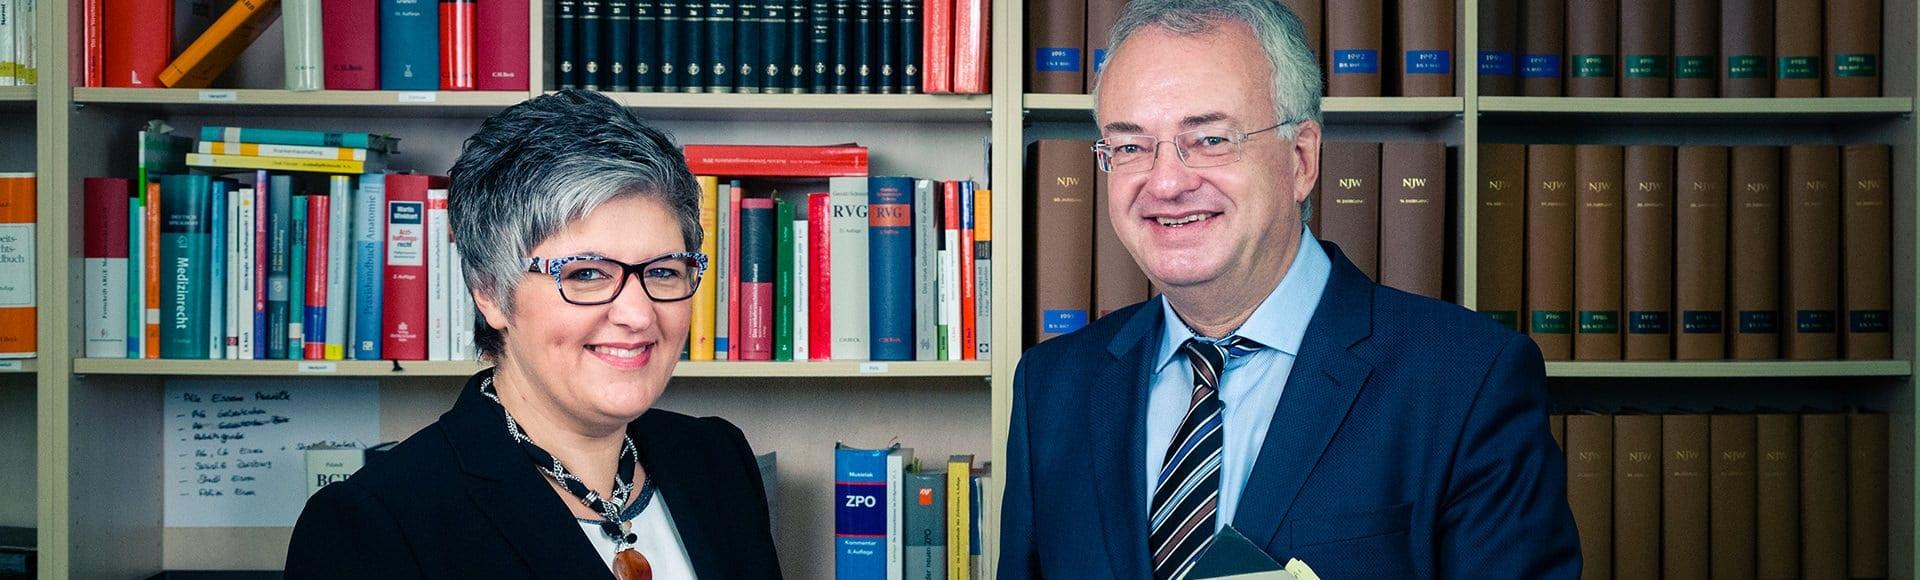 Rechtsanwälte für Medizinrecht Bürger & Lenke aus Essen